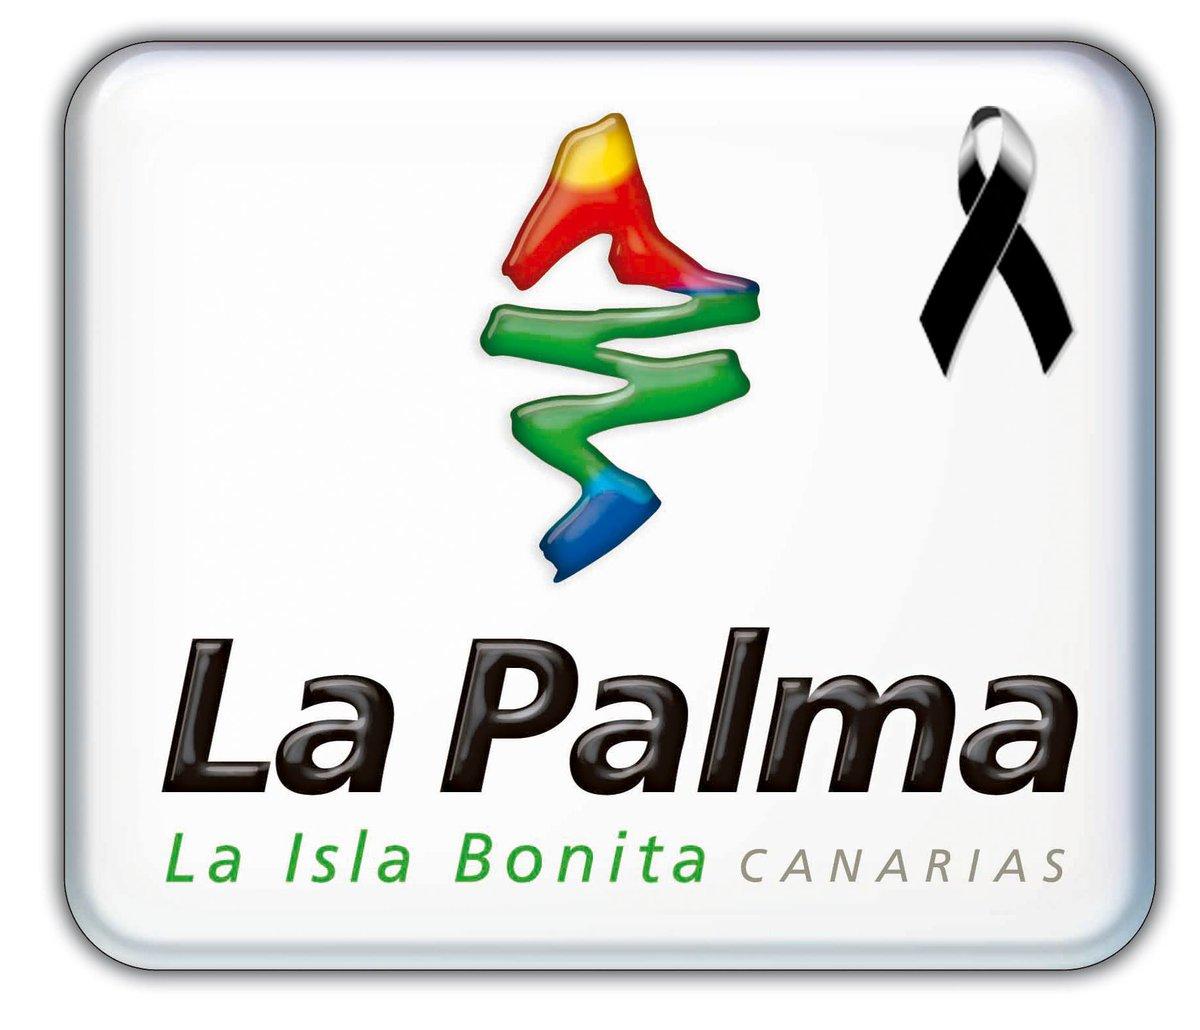 La tristeza invade La Palma. Ha fallecido Francisco José Santana Álvarez, compañero,luchando contra el incendio.DEP https://t.co/2XHyT70LDb